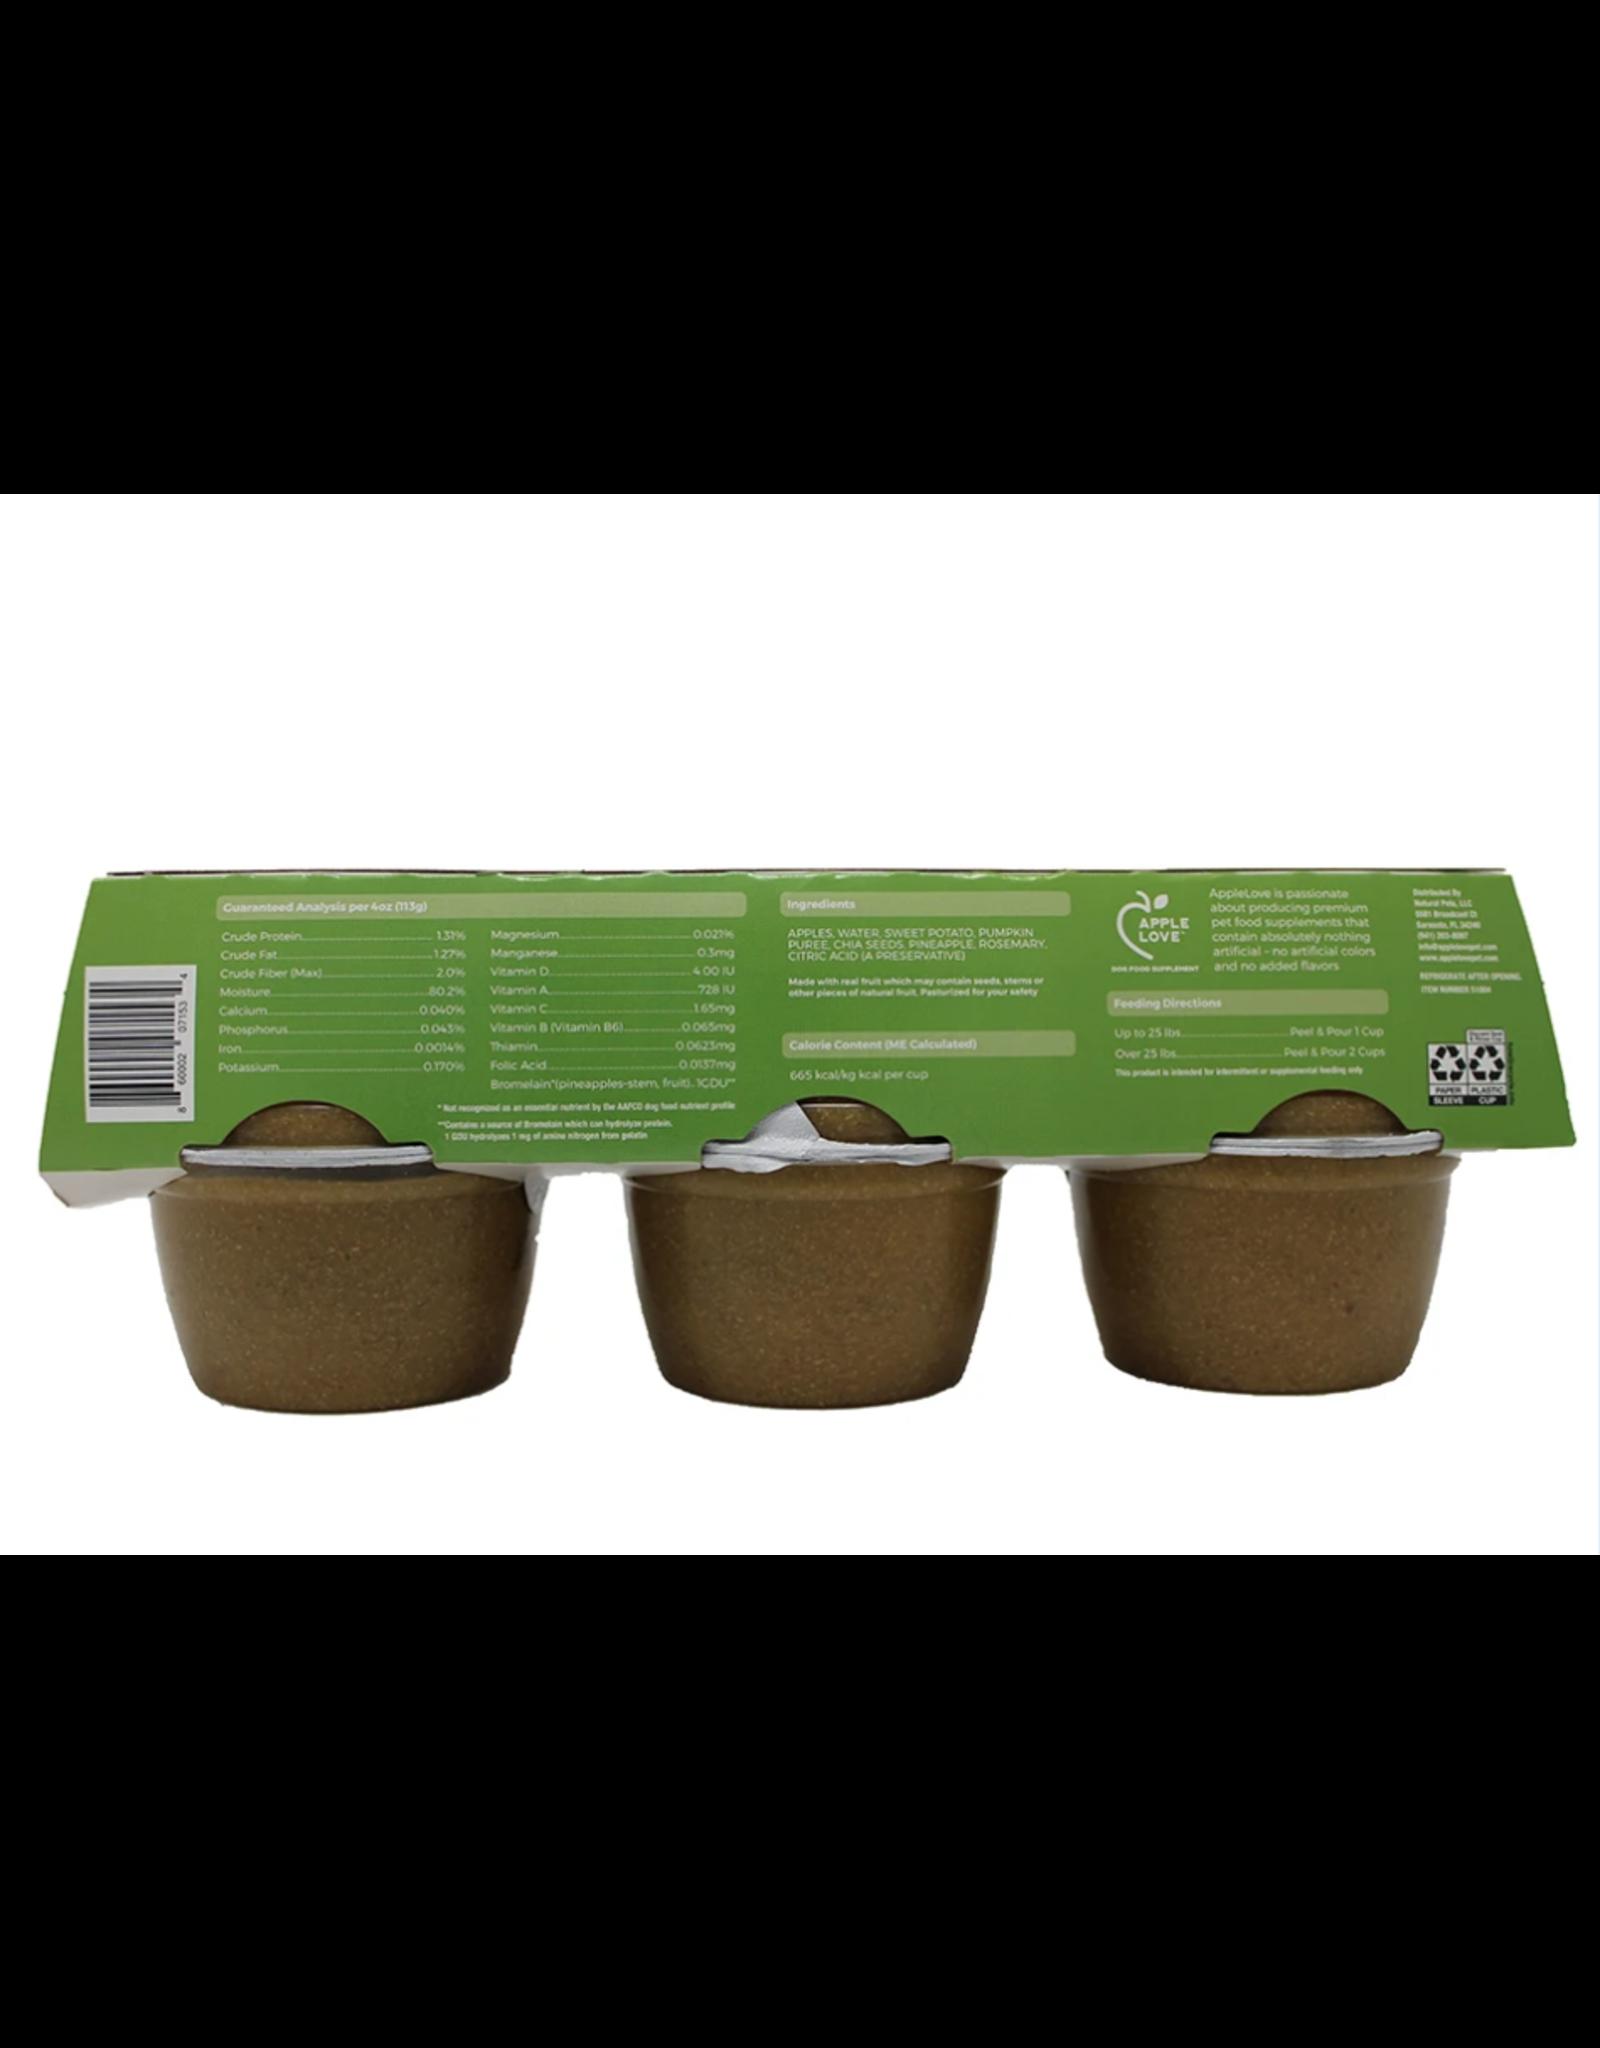 AppleLove AppleLove Dog Food Supplement Transition Blend 6-4oz